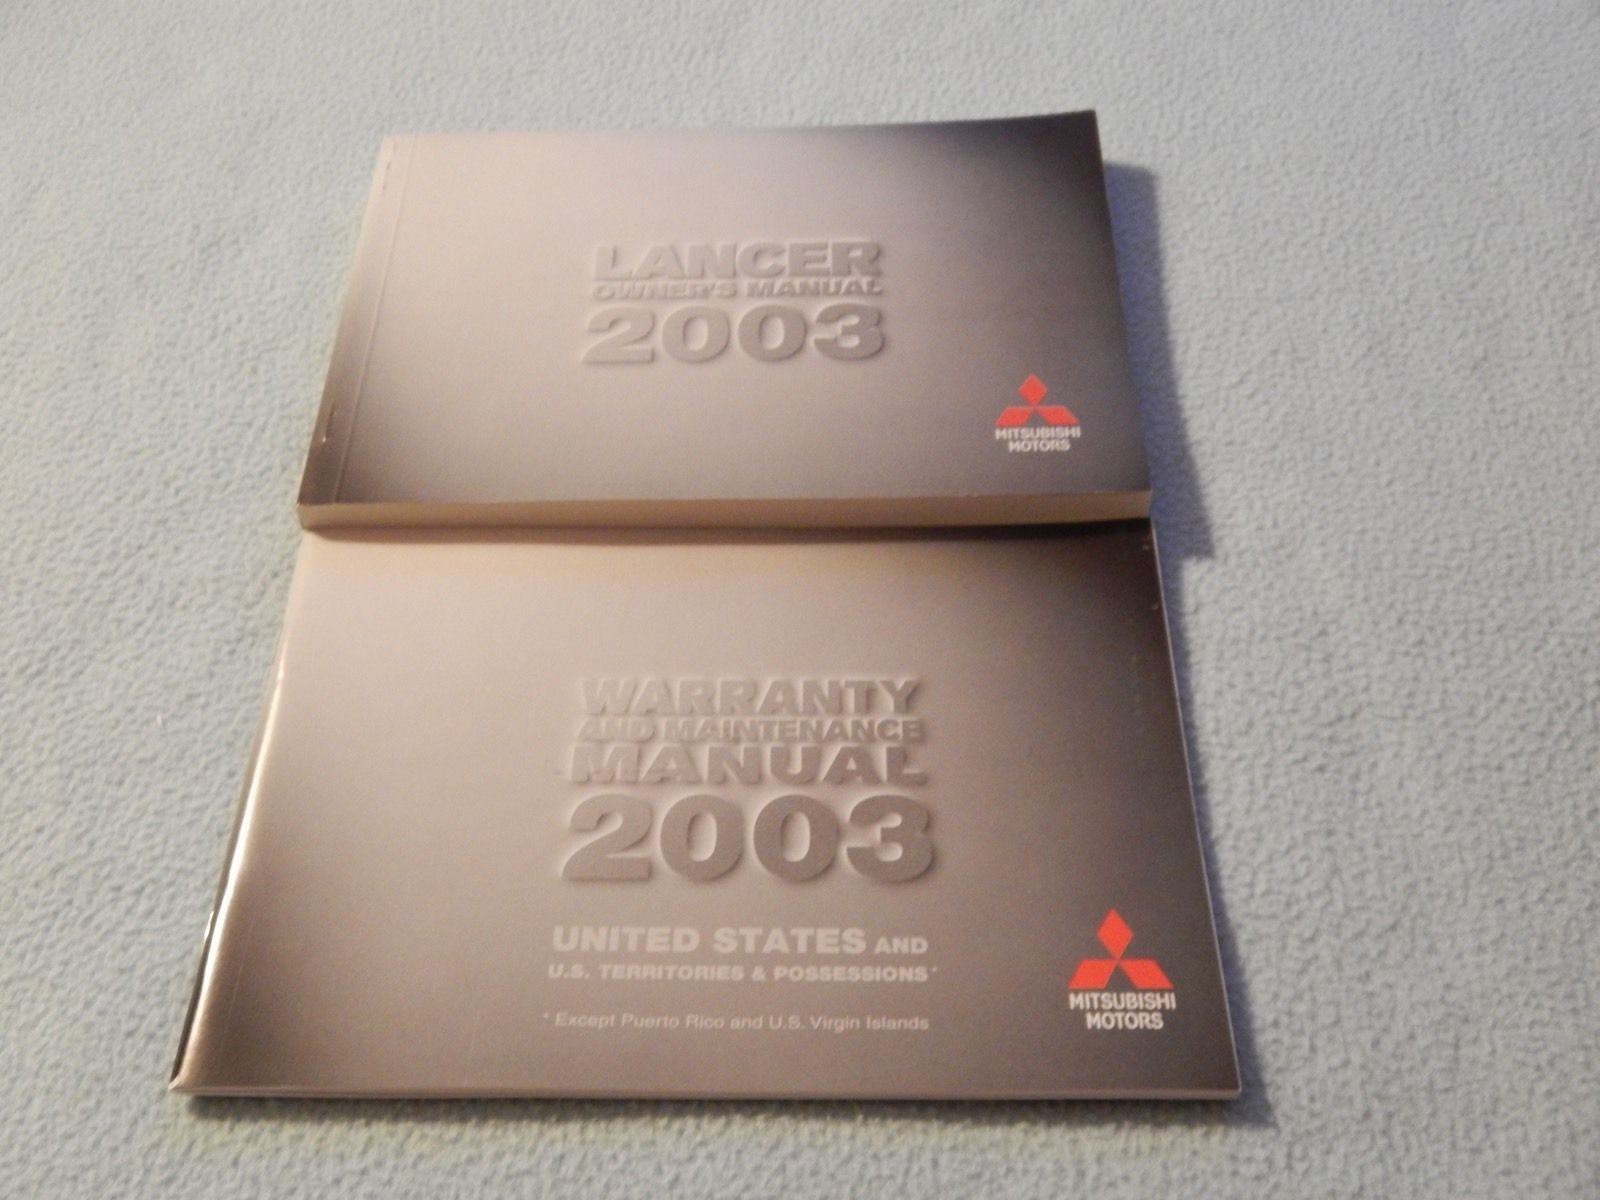 2003 Mitsubishi Lancer Owners Manual With Binder